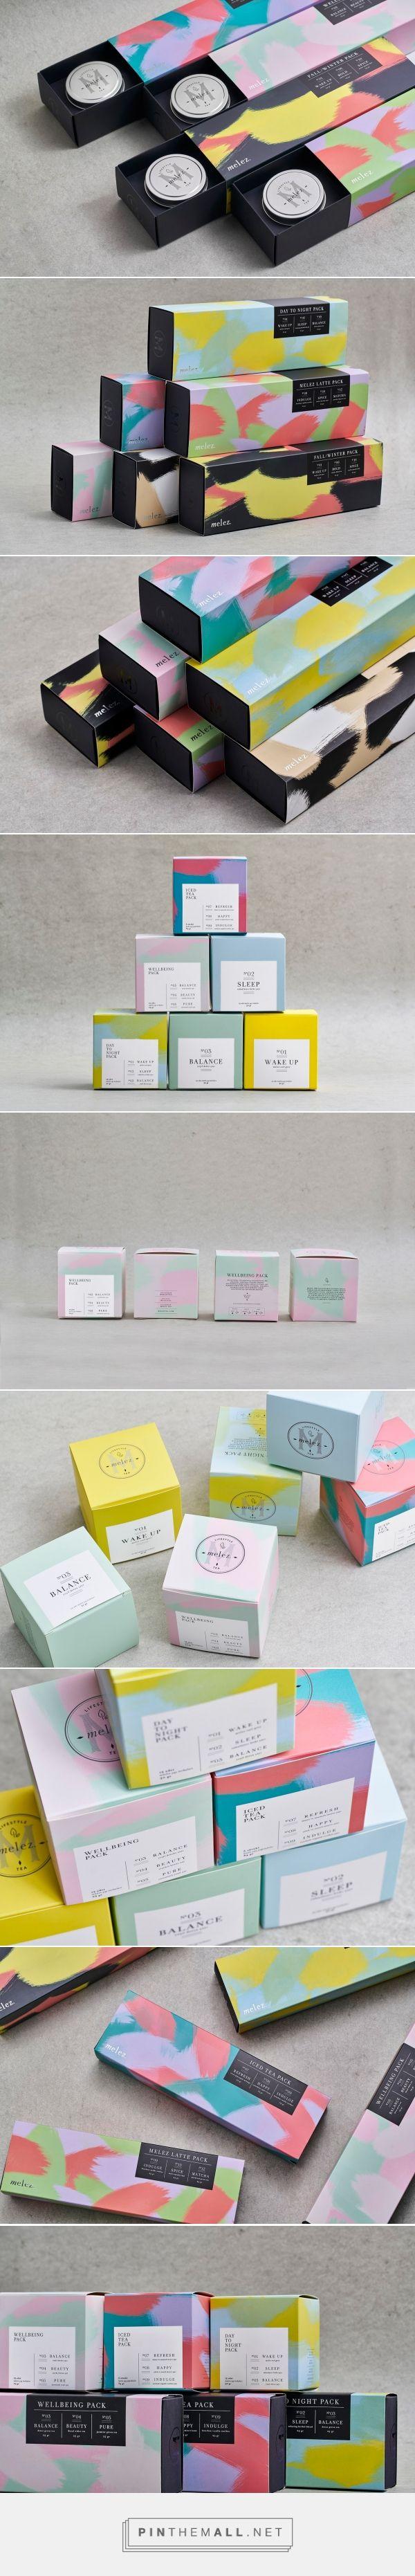 Melez Tea Gift Packs design by Atelier Nese Nogay - http://www.packagingoftheworld.com/2017/03/melez-tea-gift-packs.html